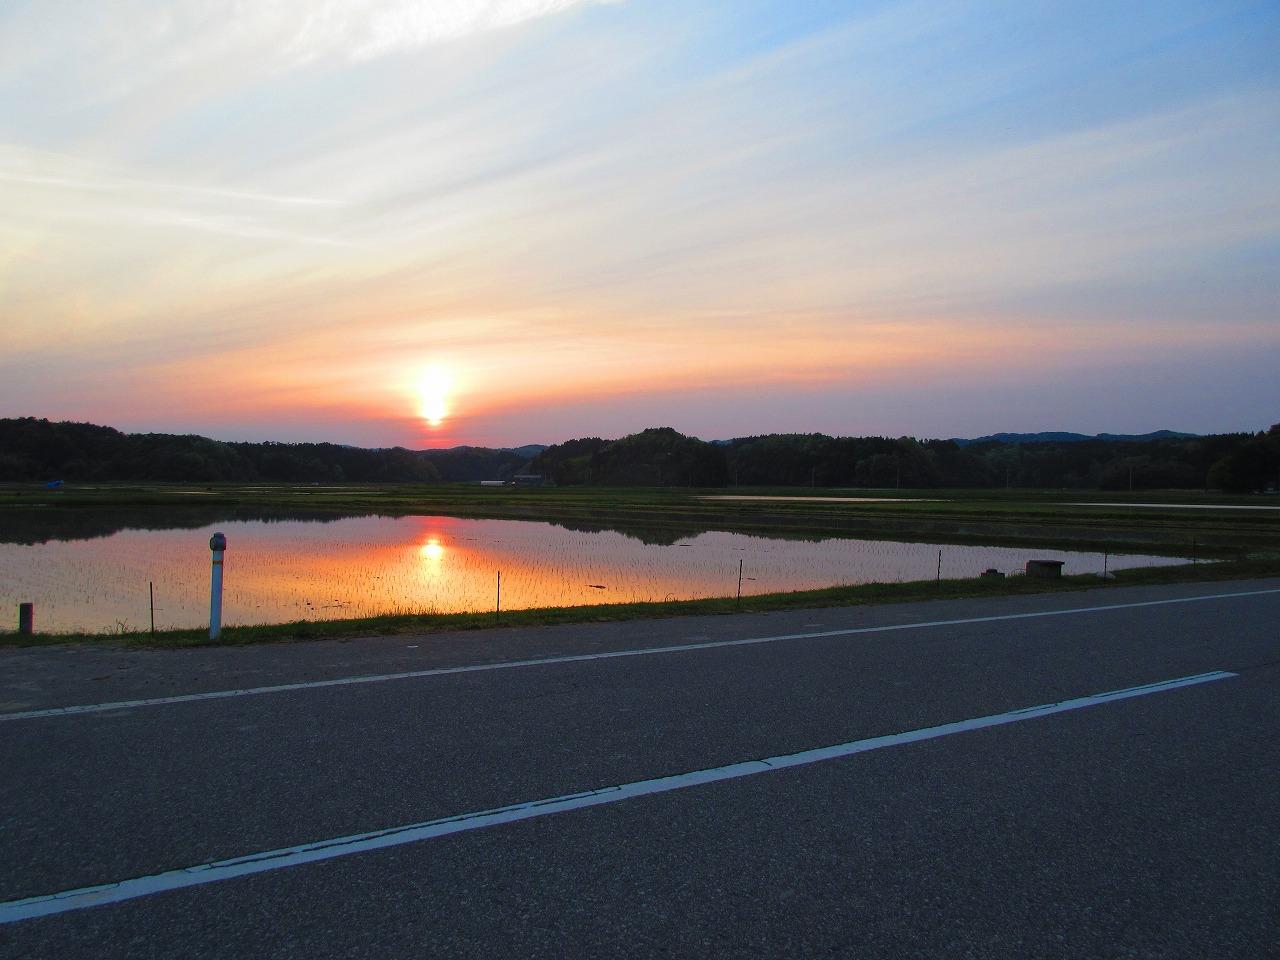 田んぼに水を入れた景色が好きだ